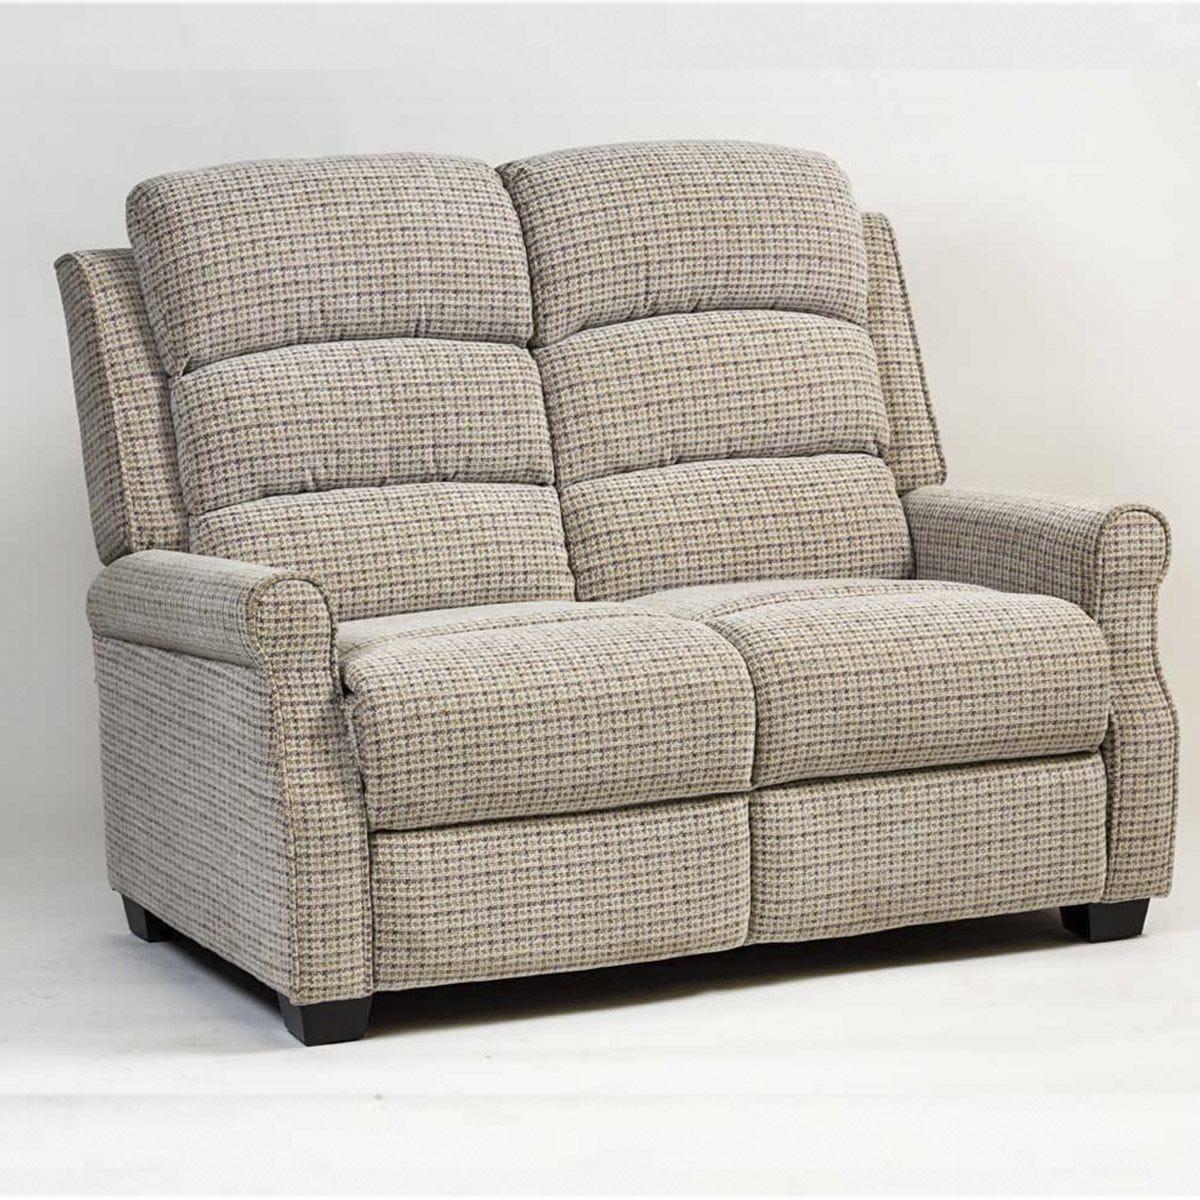 Balio 2 Seater Sofa